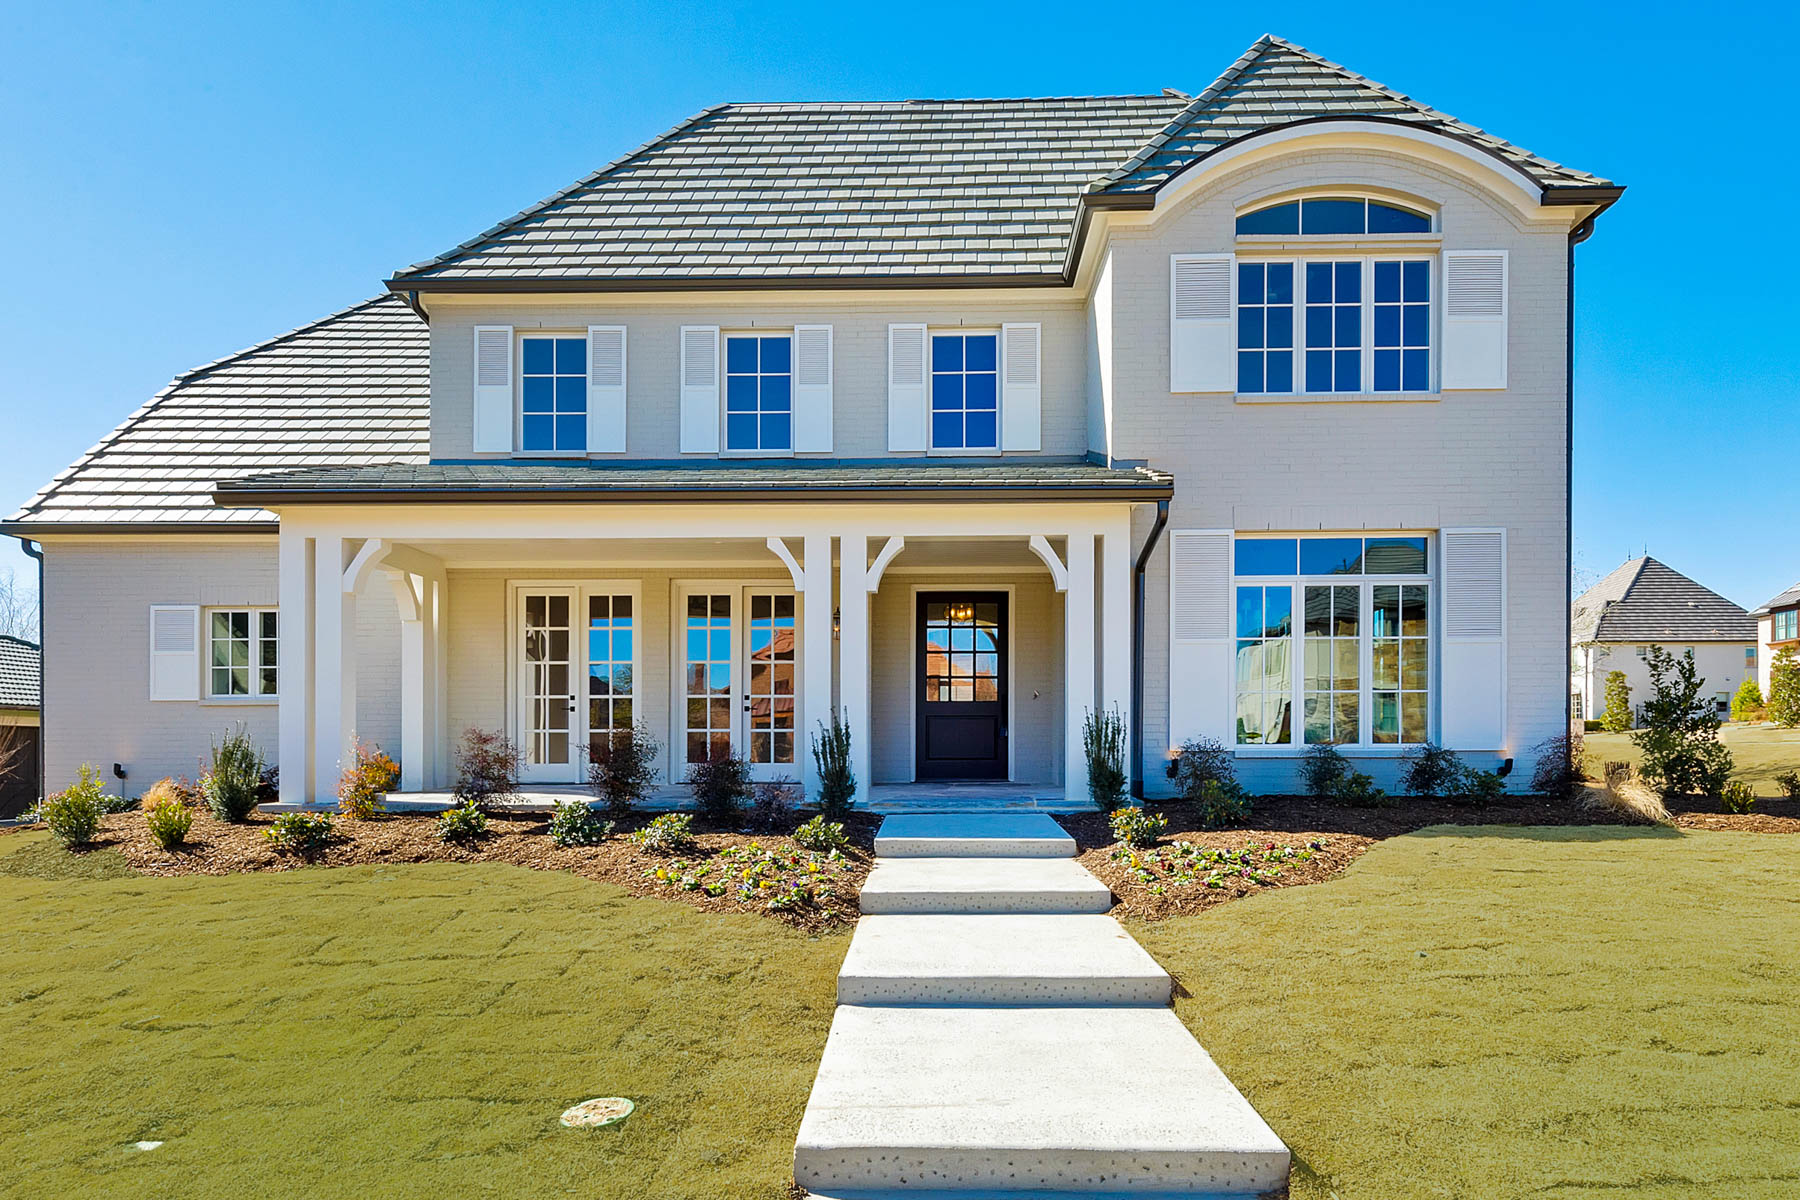 Villa per Vendita alle ore 4662 Sidonia Court Fort Worth, Texas, 76126 Stati Uniti